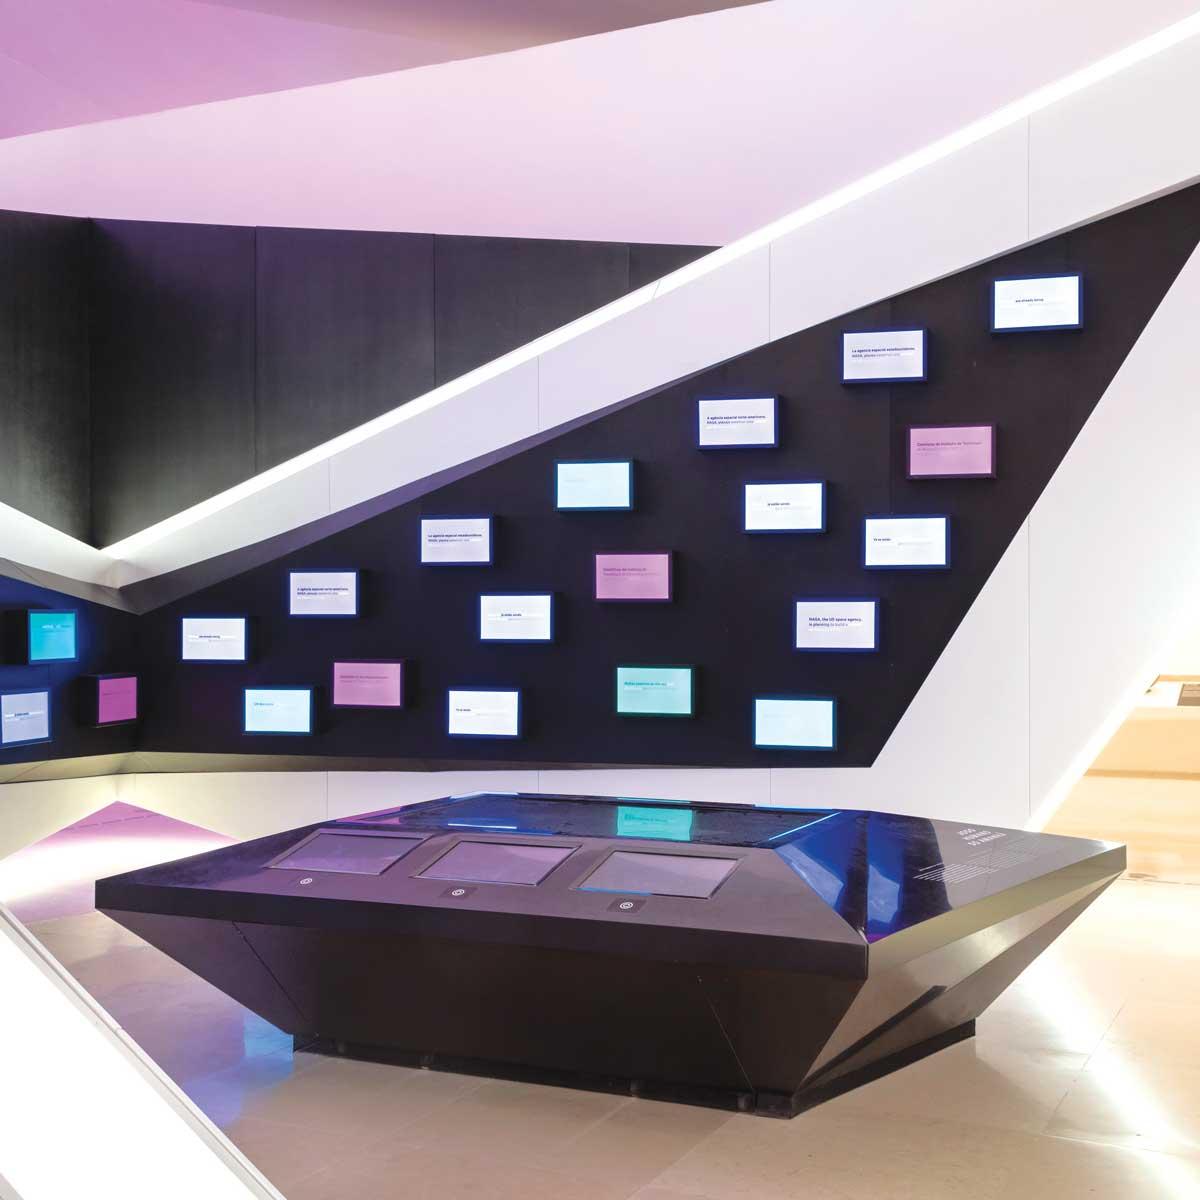 Museu do Amanhã, Rio de Janeiro, Brasil: Stolovi sutrašnjice, napravljeni od DuPont™ Corian® u Nocturne koloru; foto: Andres Otero, sva prava zadržana.